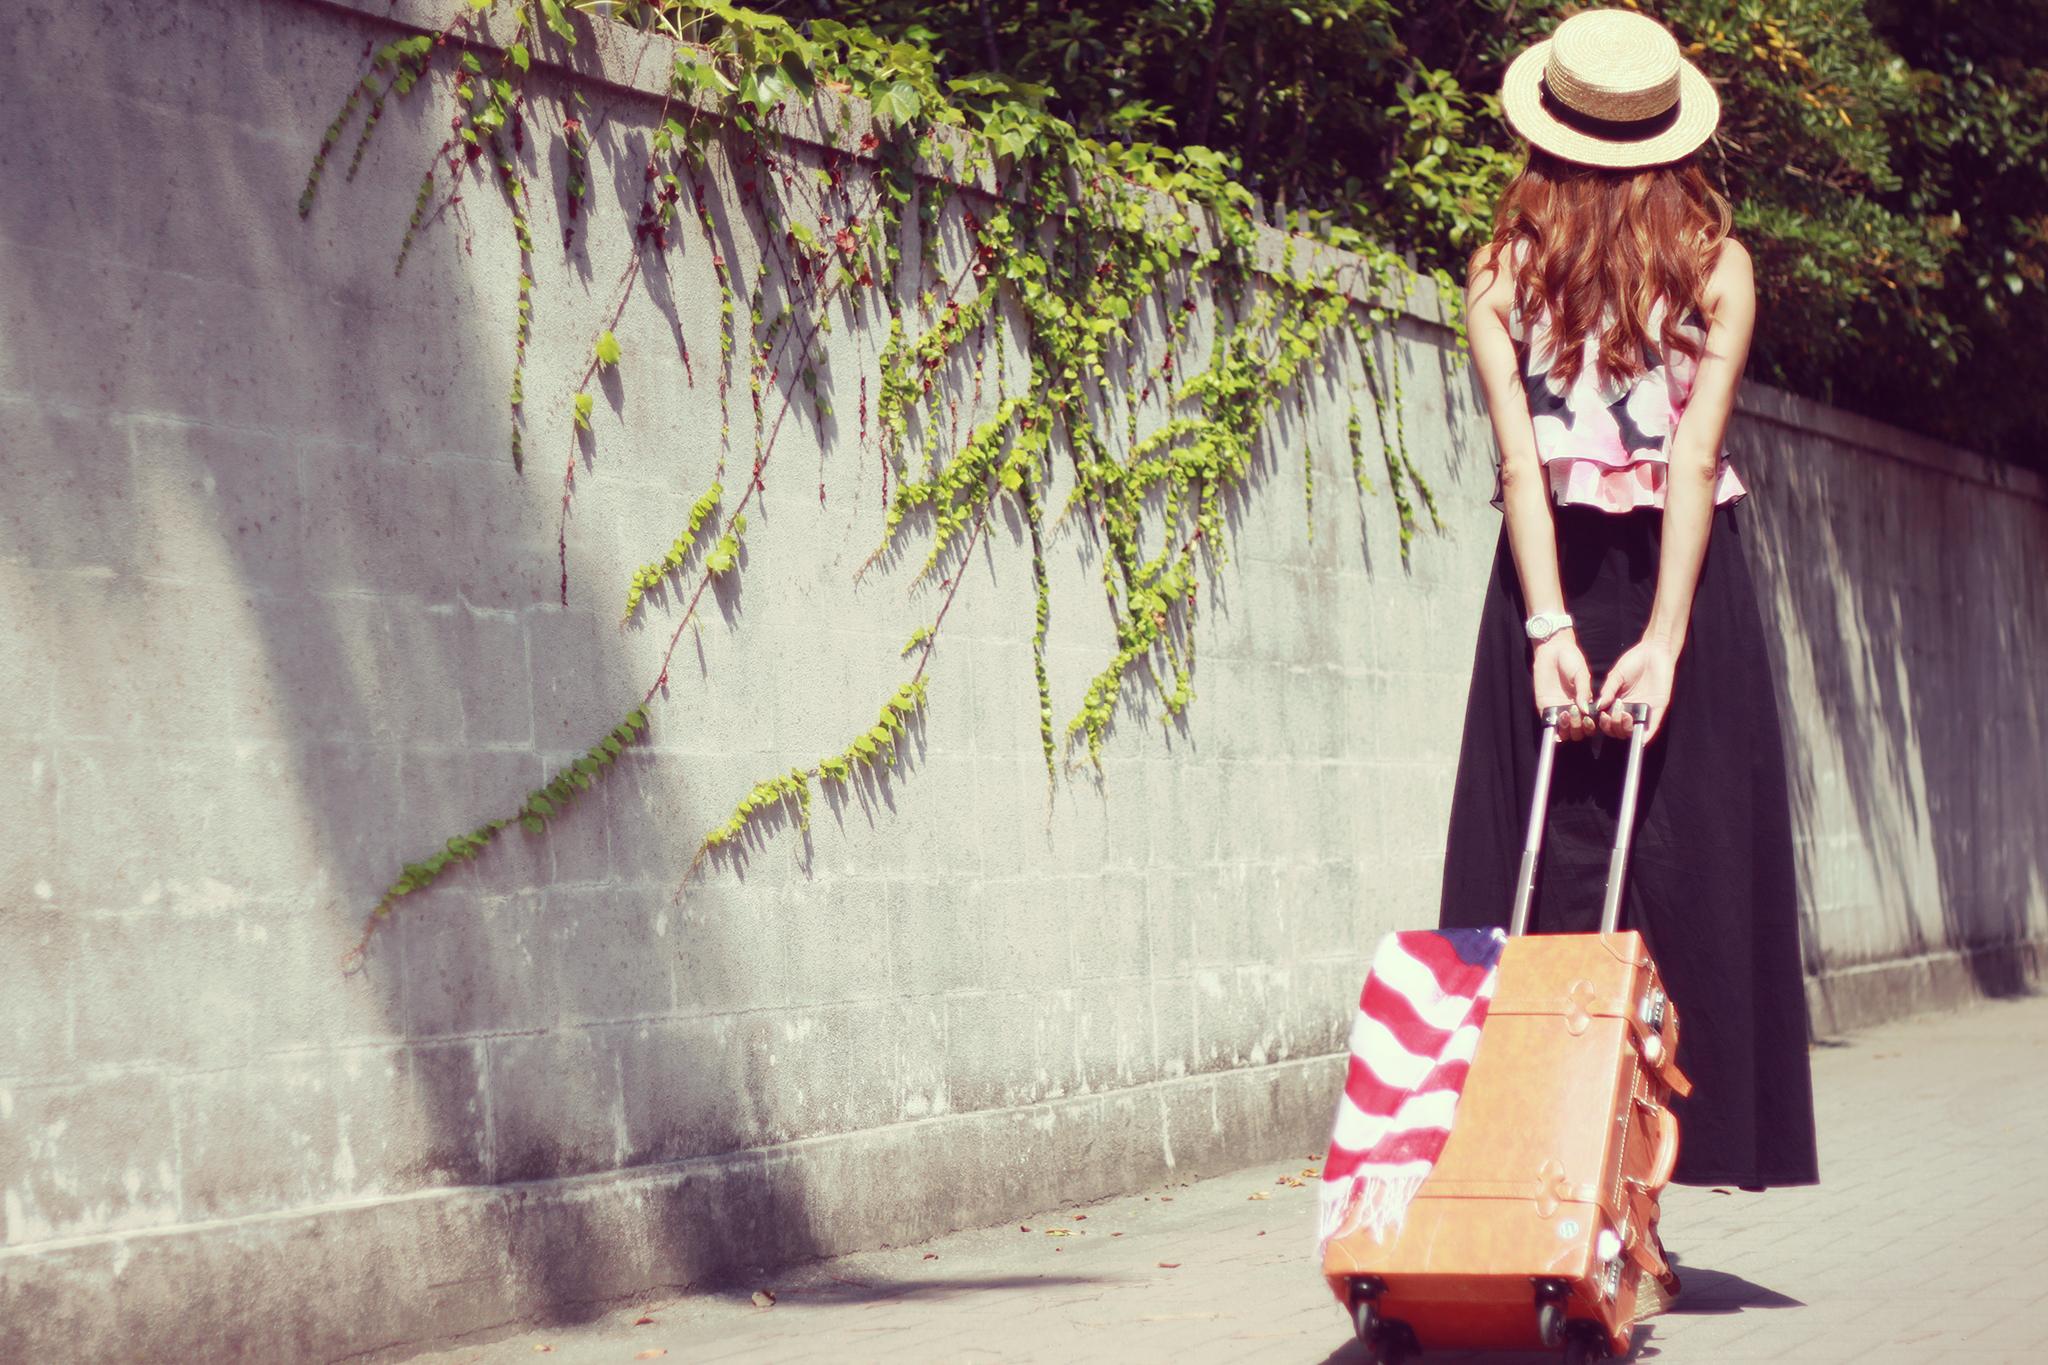 新しいスーツケース買うの?それなら安くて便利なレンタルがオススメ